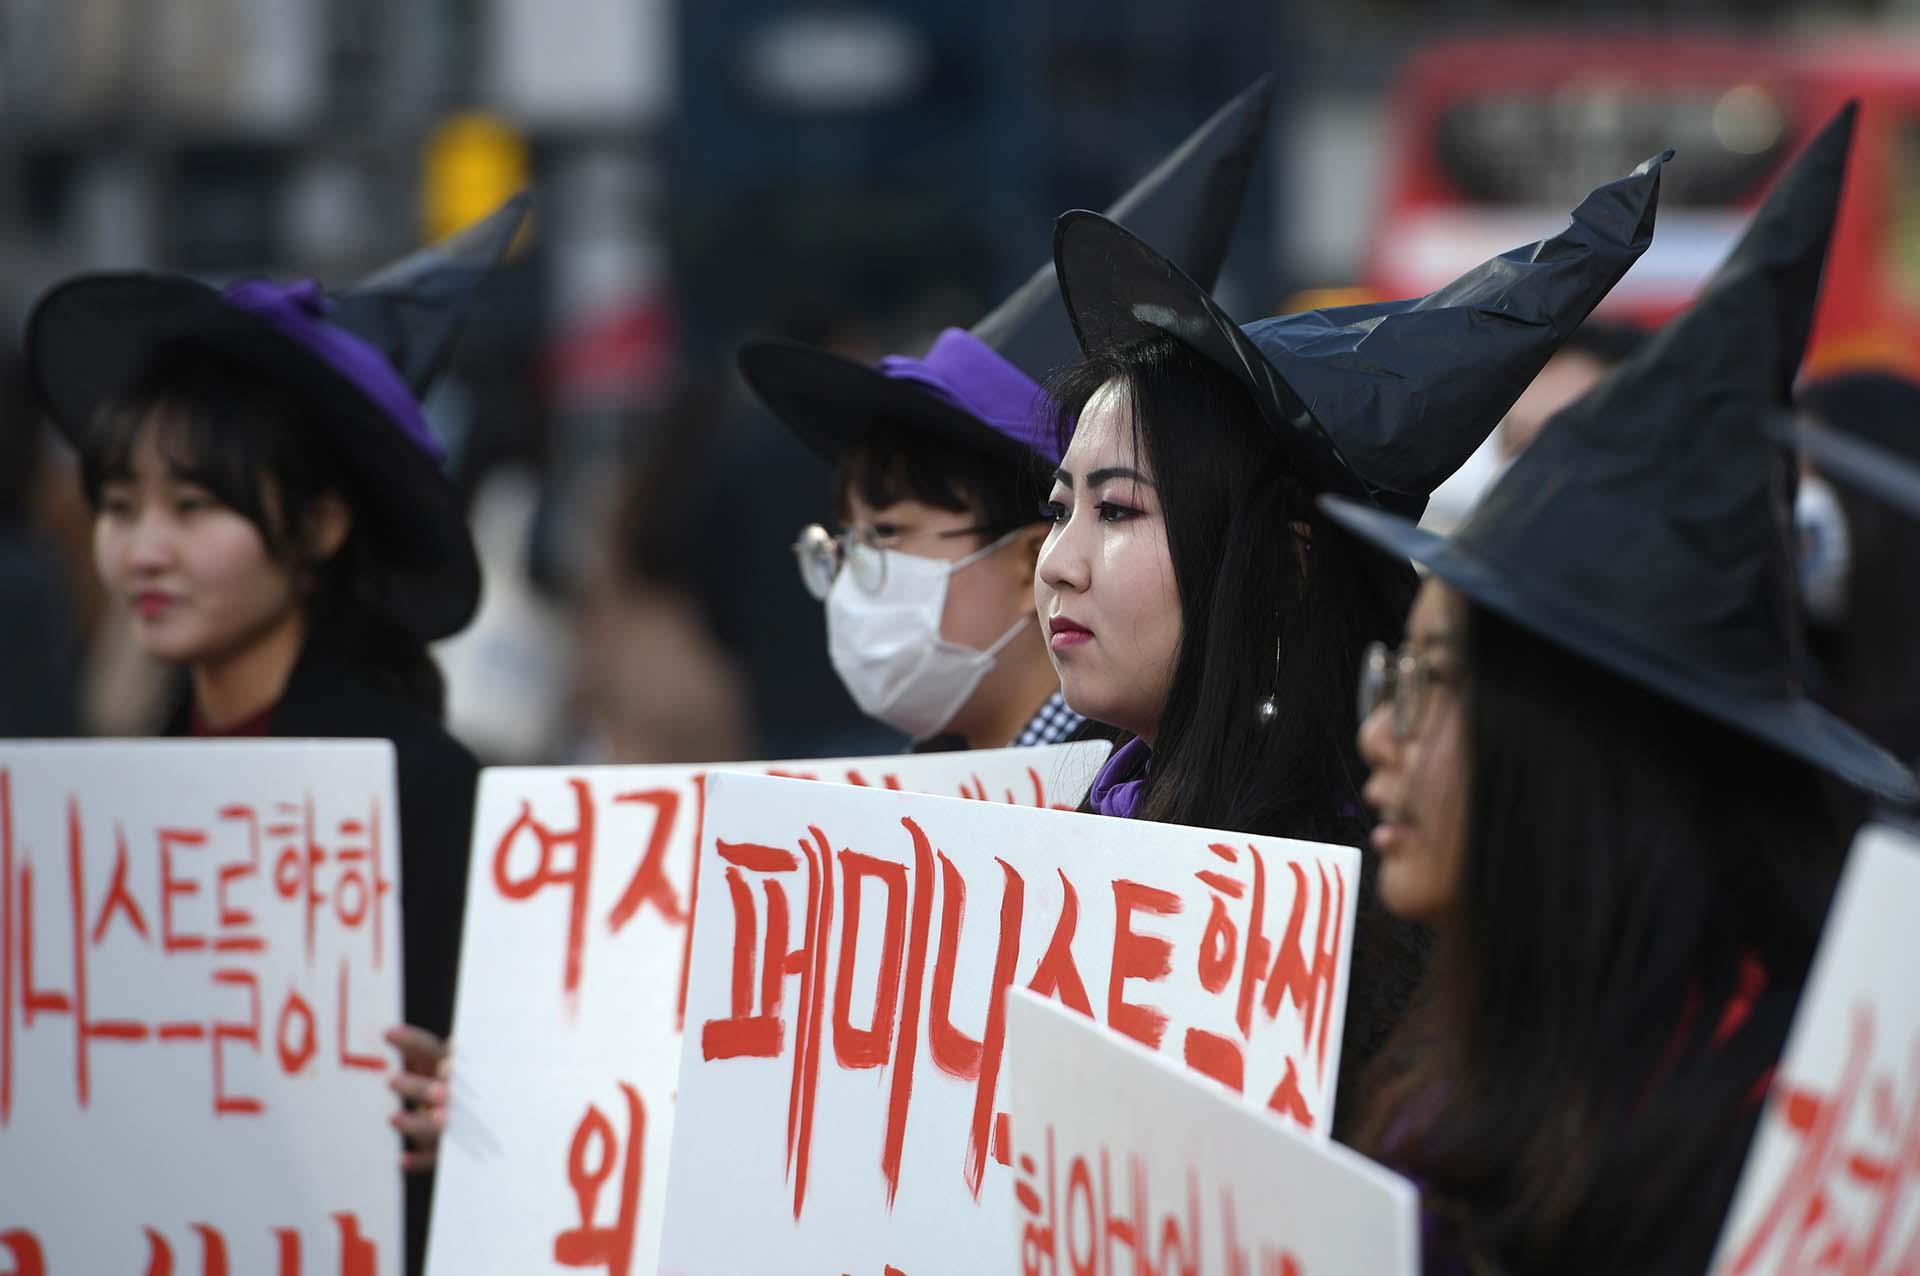 Mujeres surcoreanas vestidas de brujas sostienen pancartas feministas (Photo by JUNG Yeon-Je / AFP)